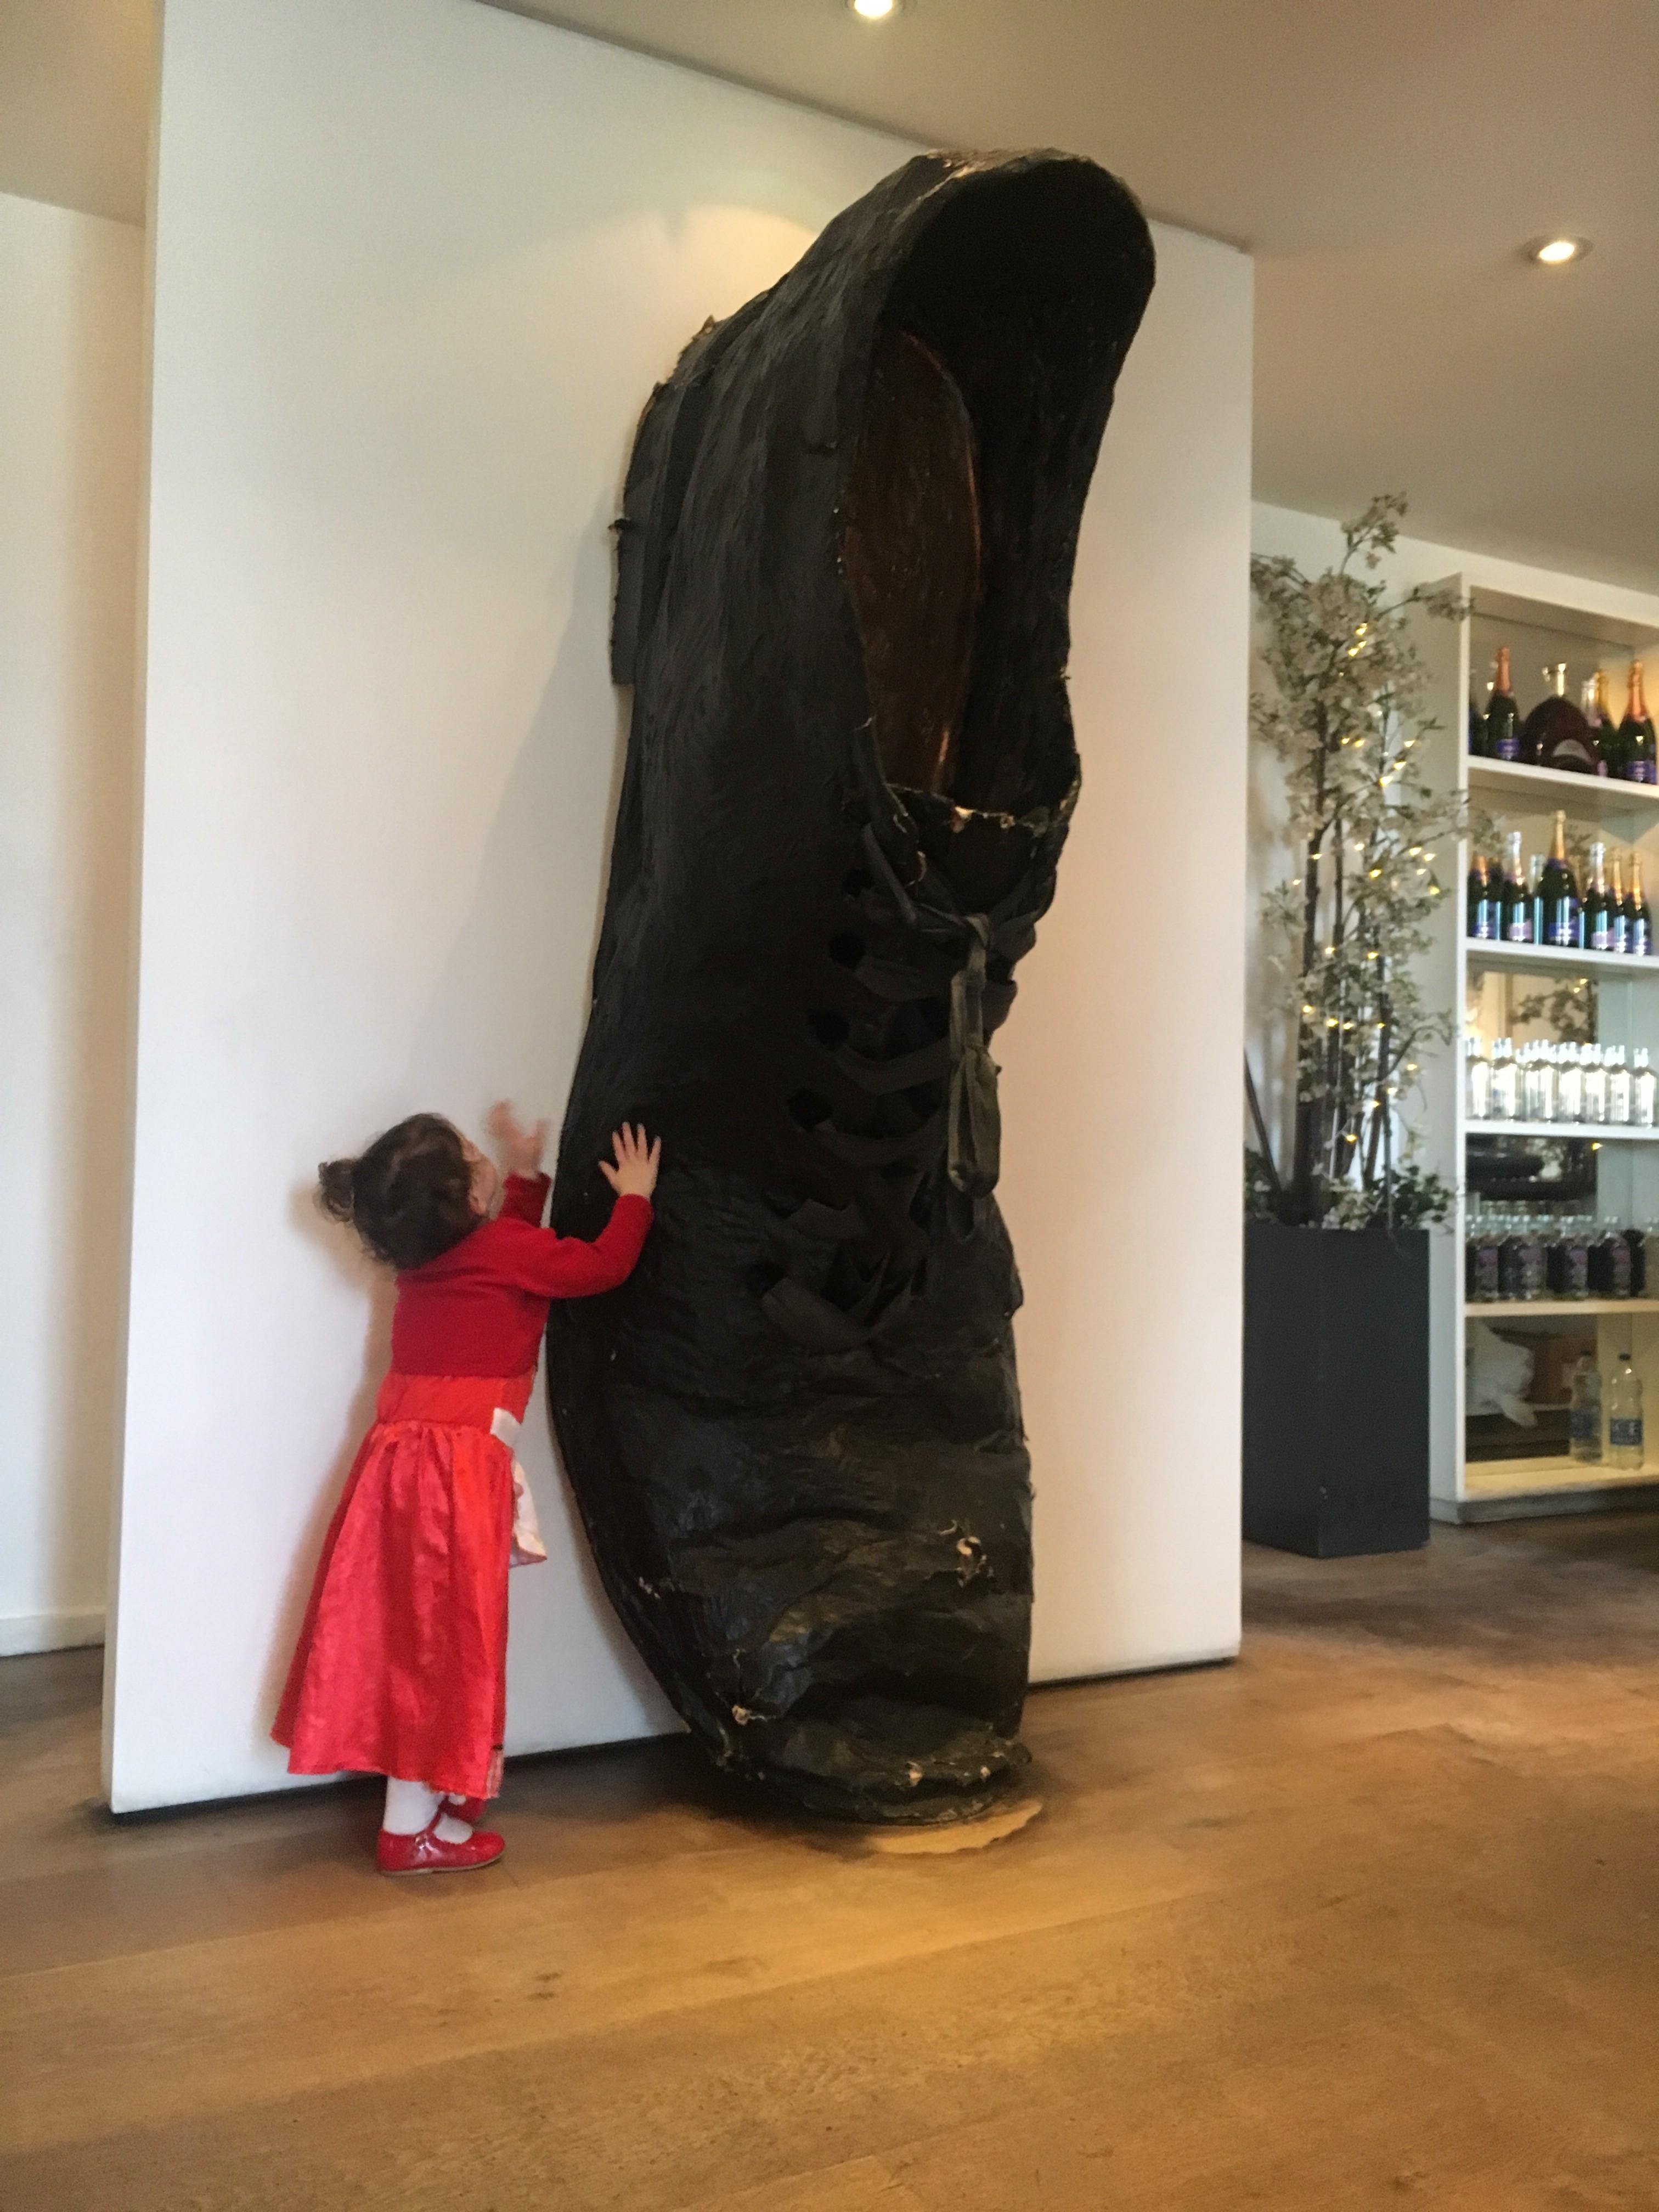 Saatchi Gallery Sculpture